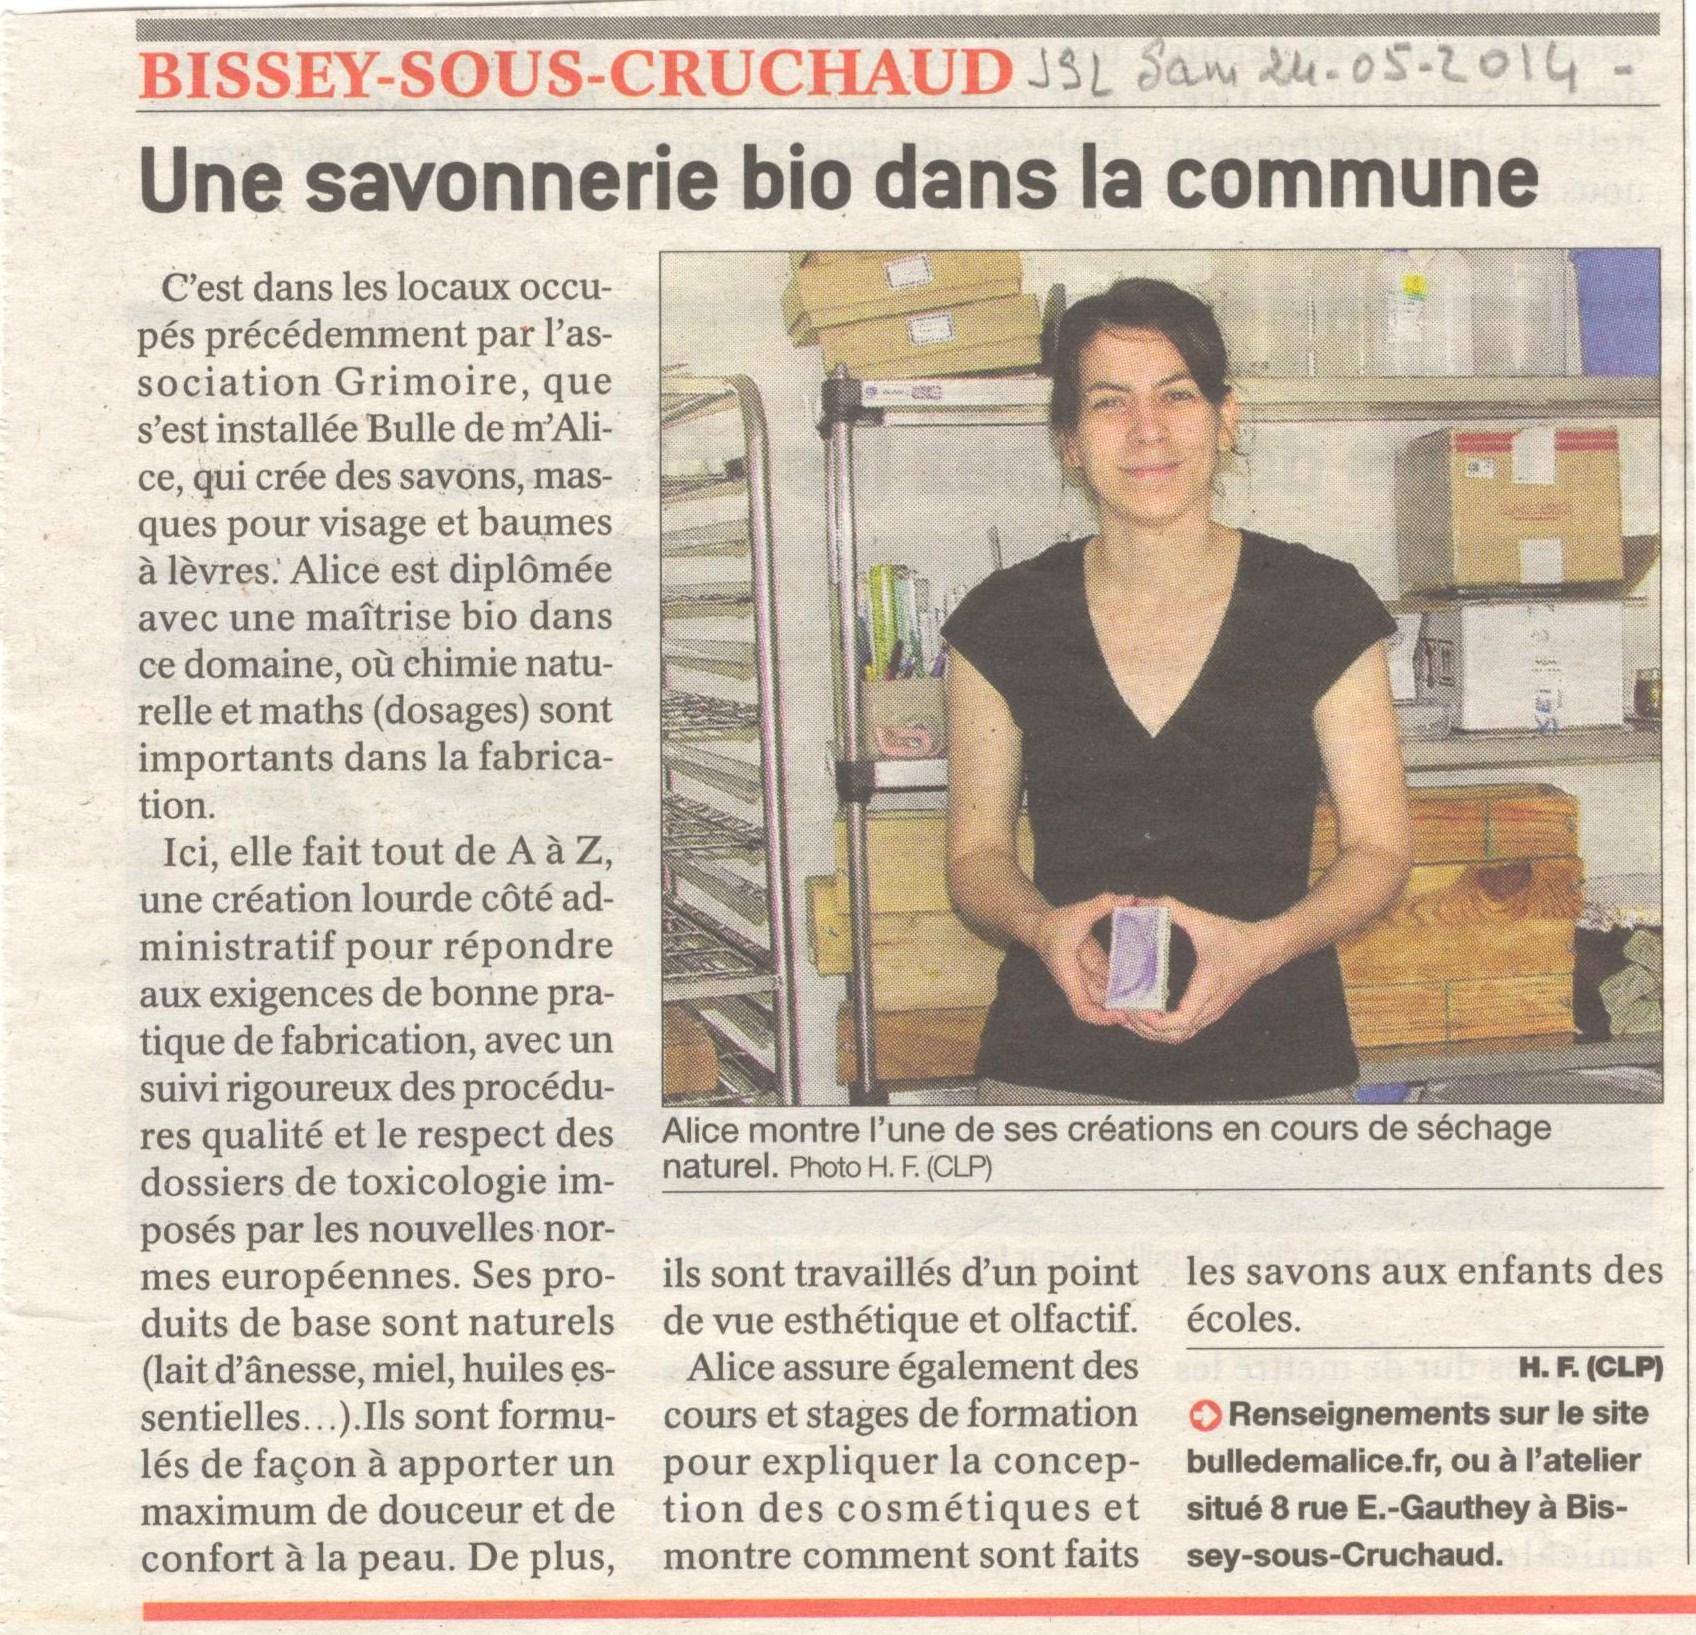 article sur l'ouverture de la savonnerie artisanale Bulle de m'Alice à Bissey-sous-Cruchaud